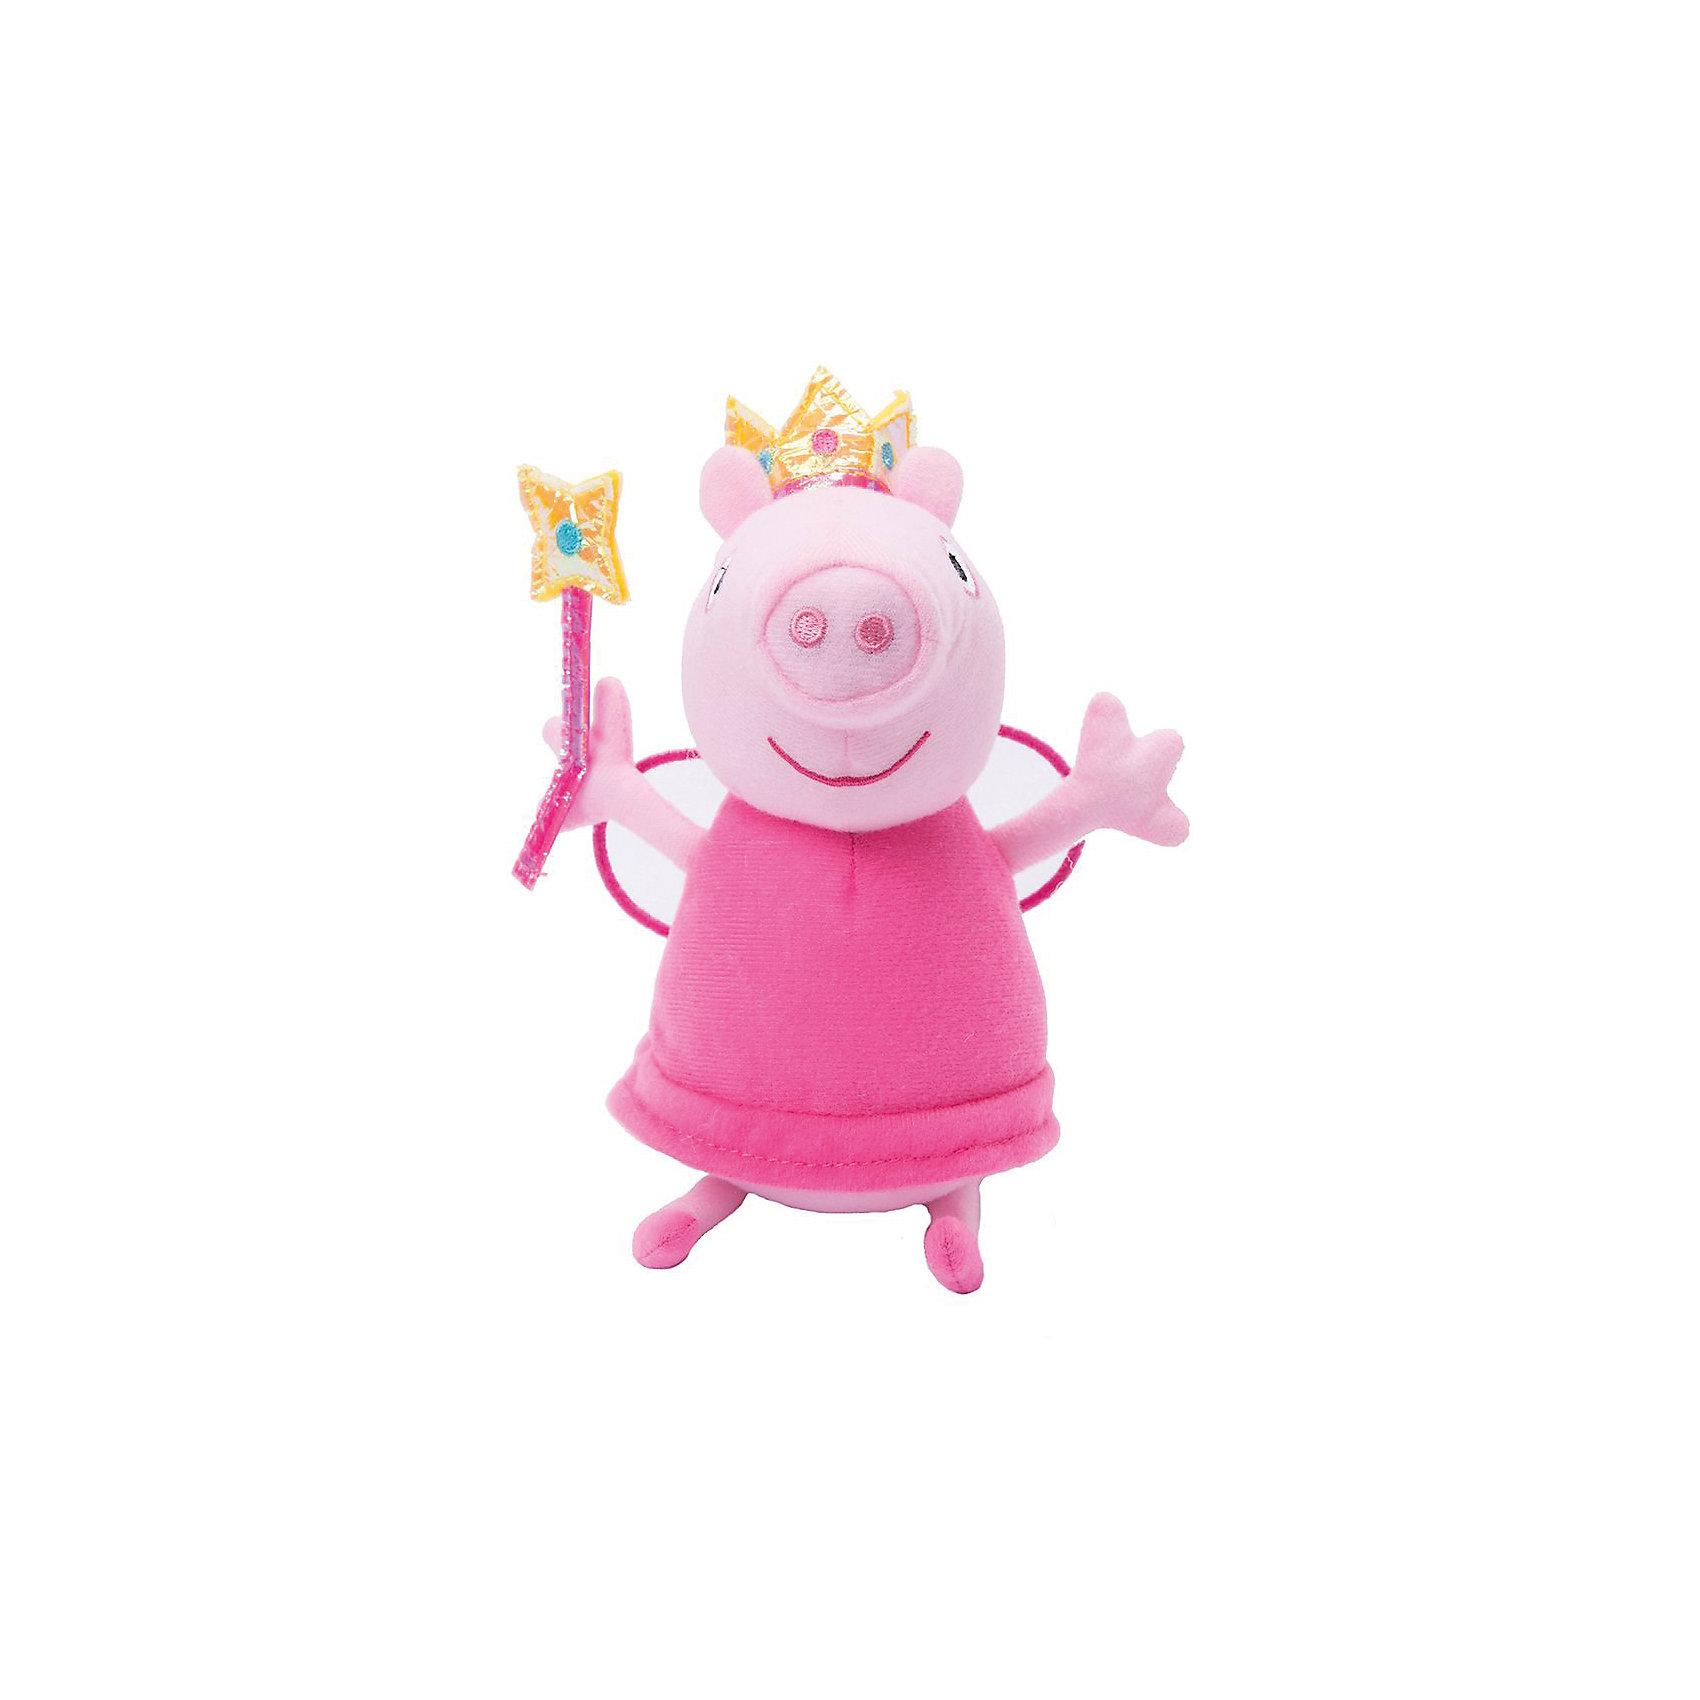 Мягягкая игрушка Пеппа Фея с палочкой, 20 см, Свинка ПеппаЛюбимые герои<br>Характеристики товара:<br><br>• высота : 20 см<br>• размер упаковки: 11х16х7 см<br>• материал: плюш, наполнитель, полиэстер<br>• возраст: от трех лет<br>• комплектация: 1 шт<br>• приятный на ощупь материал<br><br>Игрушка в виде любимого героя - желанный подарок для малыша! Такая мягкая игрушка сделана в виде Свинки Пеппы из мультфильма - а его современные девочки просто обожают. Игрушка очень качественно выполнена, с ней можно придумать множество игр! <br>Взаимодействие с мягкими игрушками помогает девочкам развивать важные социальные навыки и способности, она активизирует мышление, формирует умение заботиться о других, логику, мелкую моторику и воображение, помогает проработать сценарии взаимодействия с людьми. Изделие производится из качественных сертифицированных материалов, безопасных даже для самых маленьких.<br><br>Мягкую игрушку Пеппа Фея с палочкой, 20 см, Свинка Пеппа, можно купить в нашем интернет-магазине.<br><br>Ширина мм: 160<br>Глубина мм: 100<br>Высота мм: 75<br>Вес г: 59<br>Возраст от месяцев: 36<br>Возраст до месяцев: 2147483647<br>Пол: Женский<br>Возраст: Детский<br>SKU: 5219483